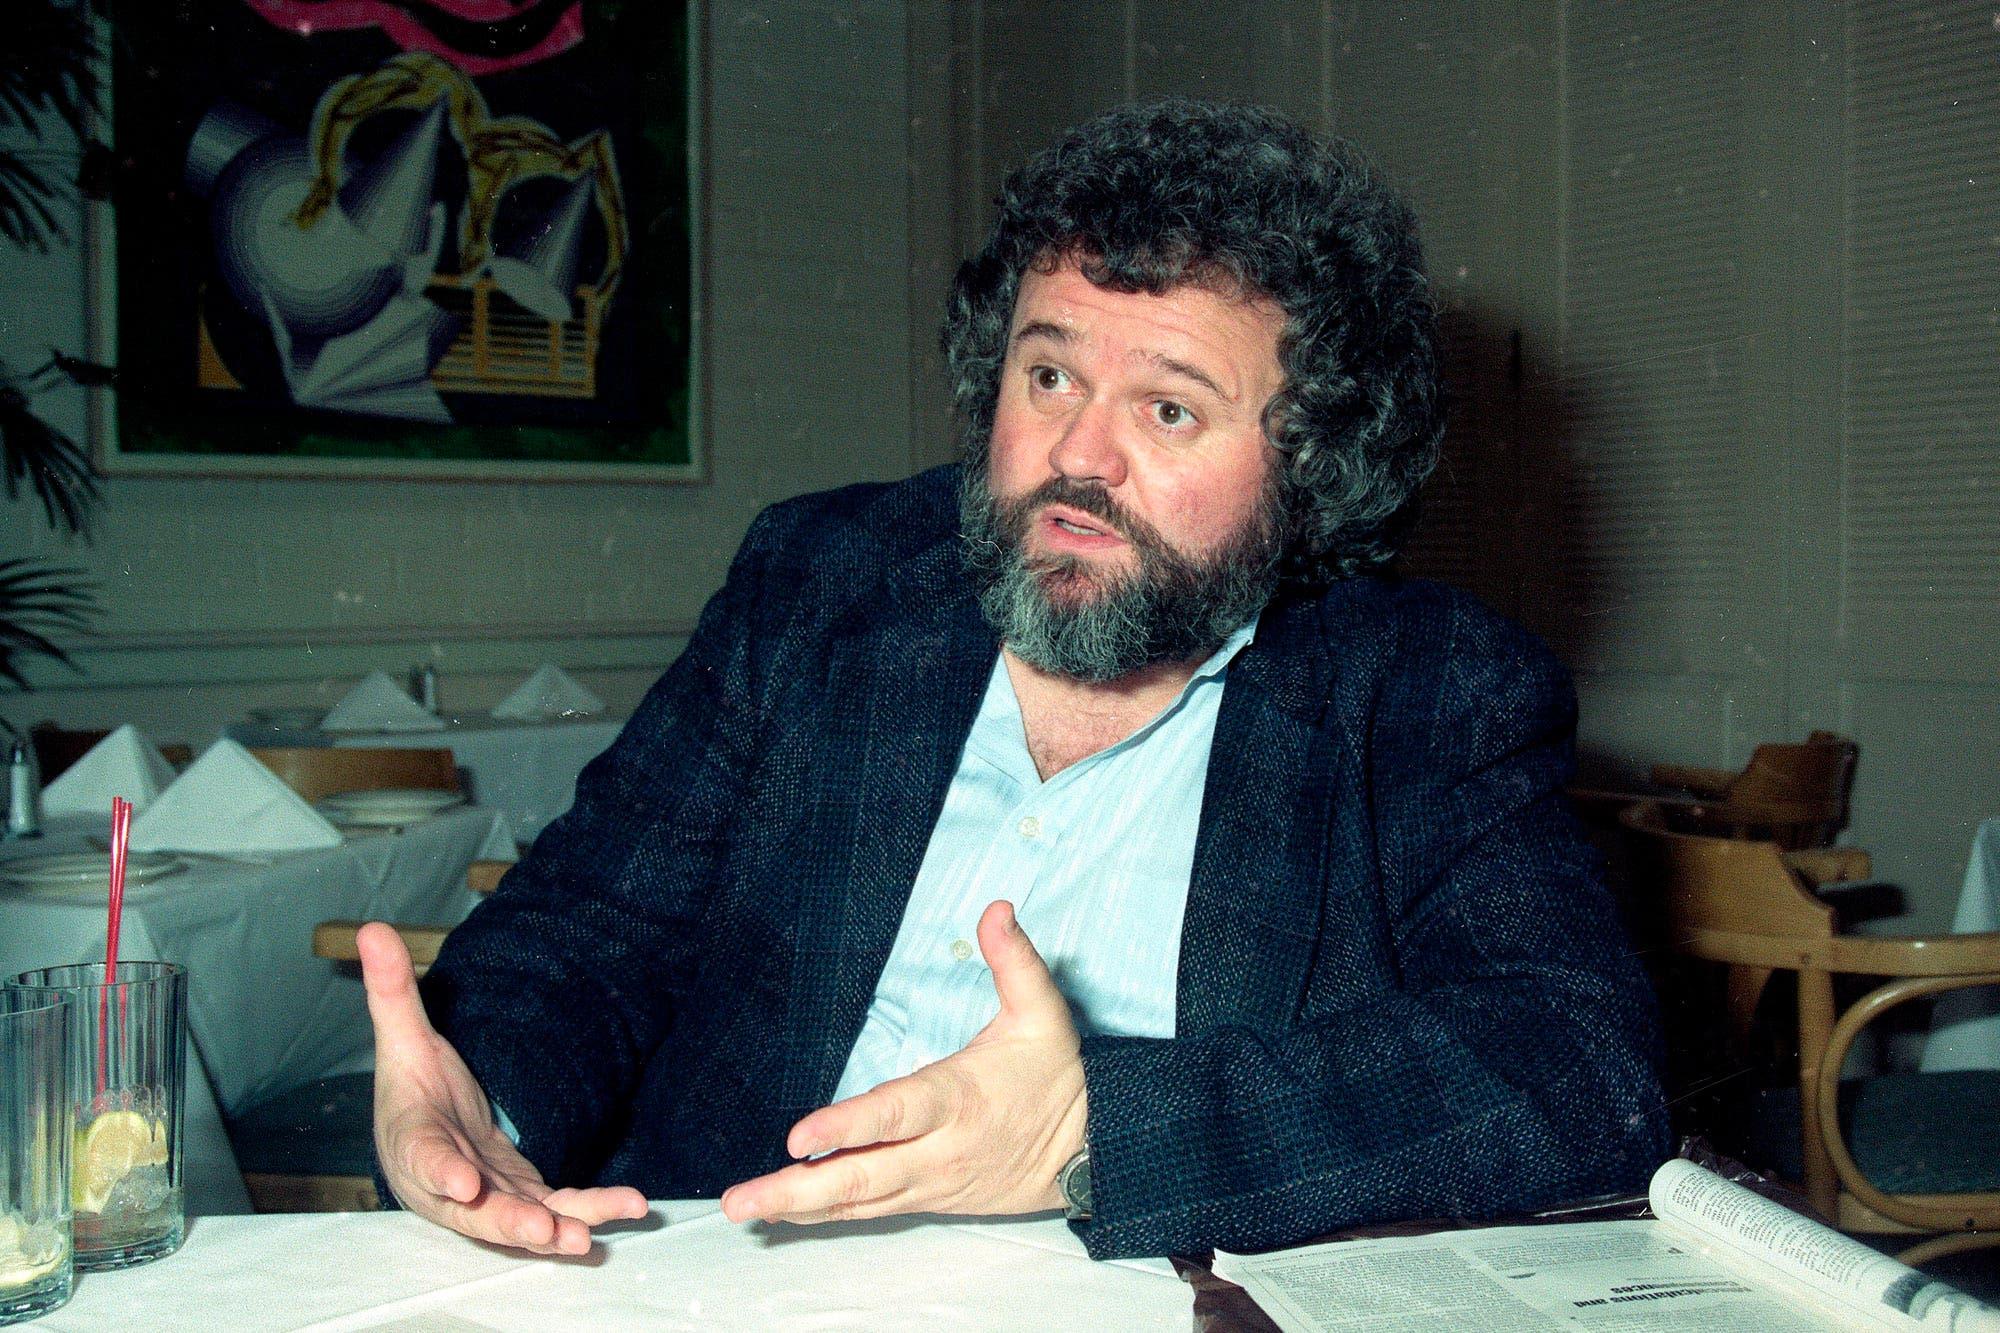 Murió por coronavirus Allen Daviau, el gran director de fotografía de E. T.